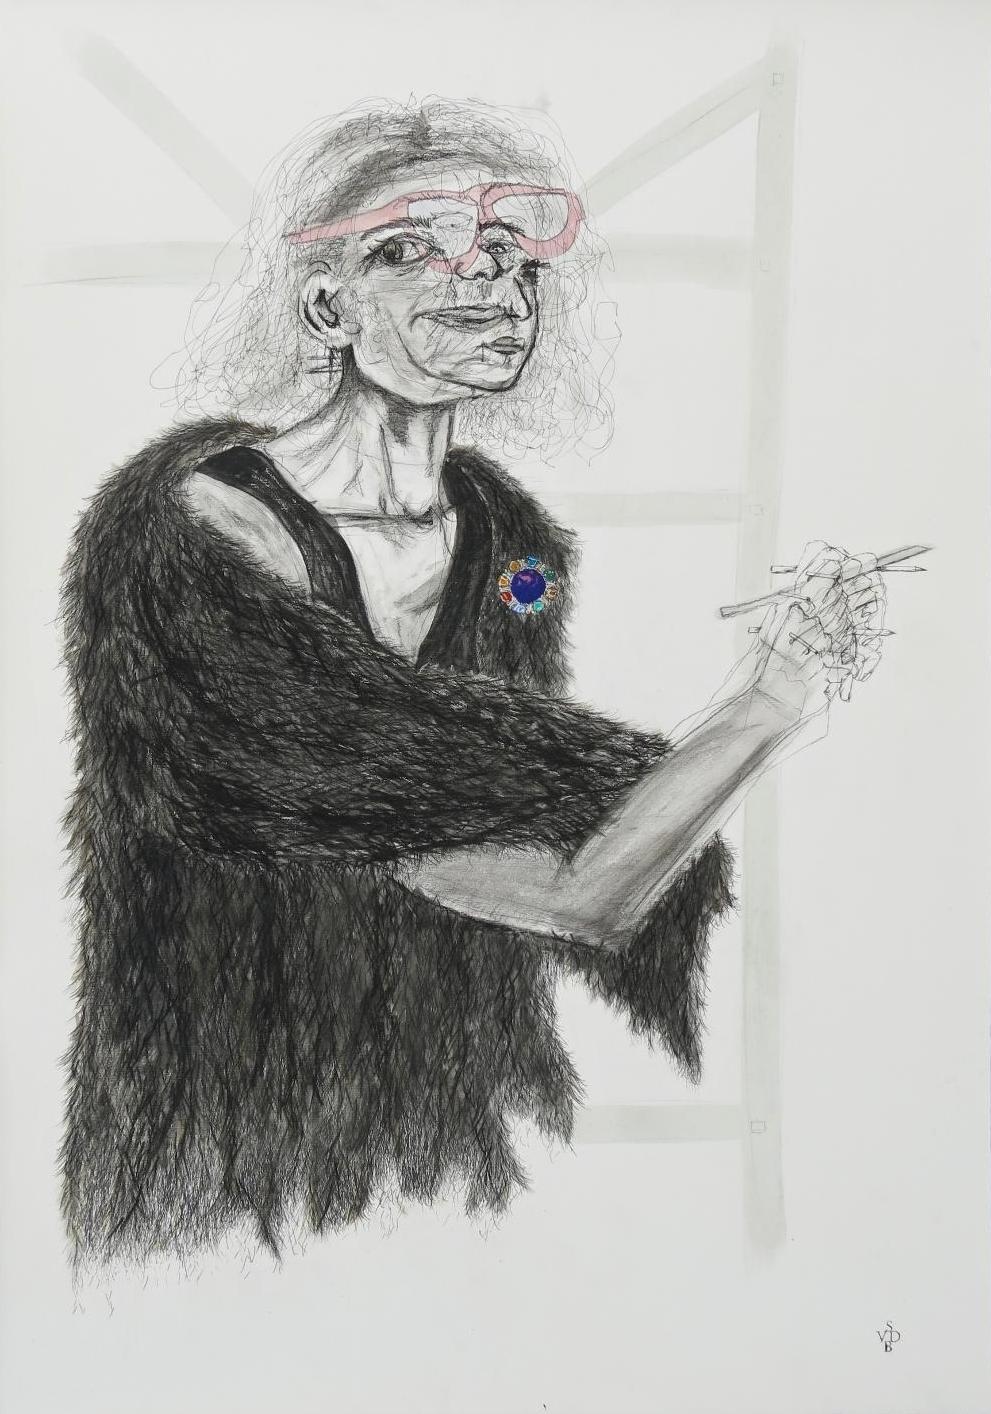 Mother - She Reminds MeSarlee Van Den Berg - Graphite, Ink, Gouache on 300gms Zerkall Paper1000 x 700 mm (Framed)17 500 ZAR